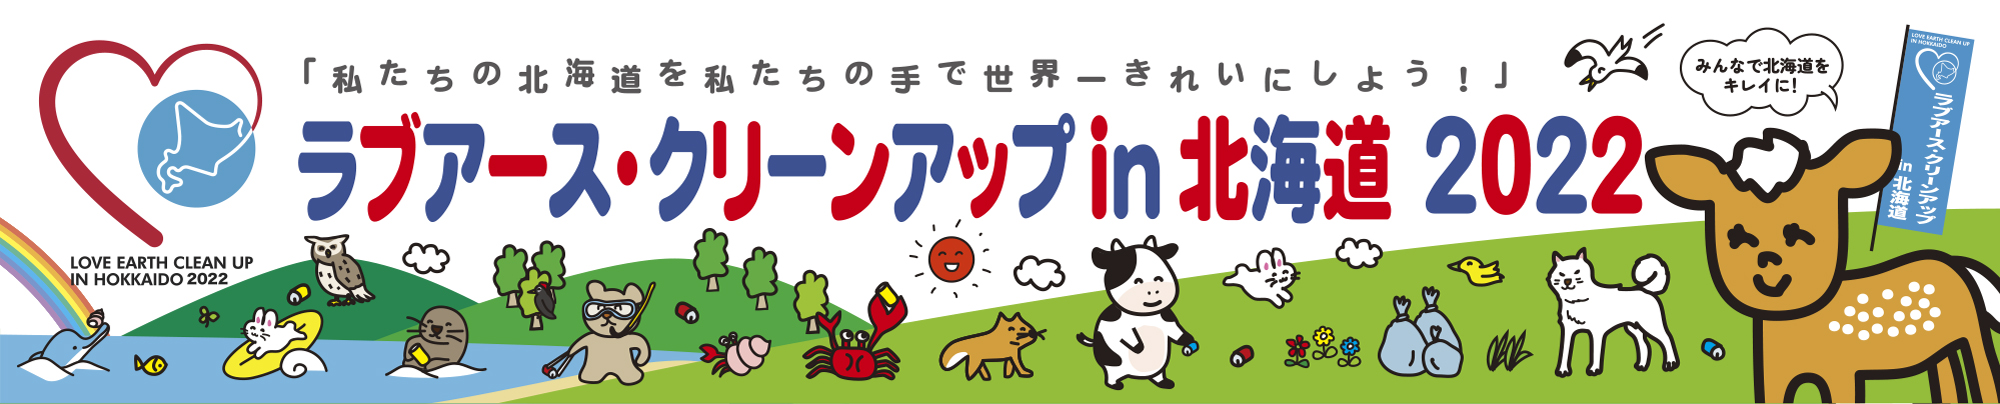 ラブアース・クリーンアップ in 北海道